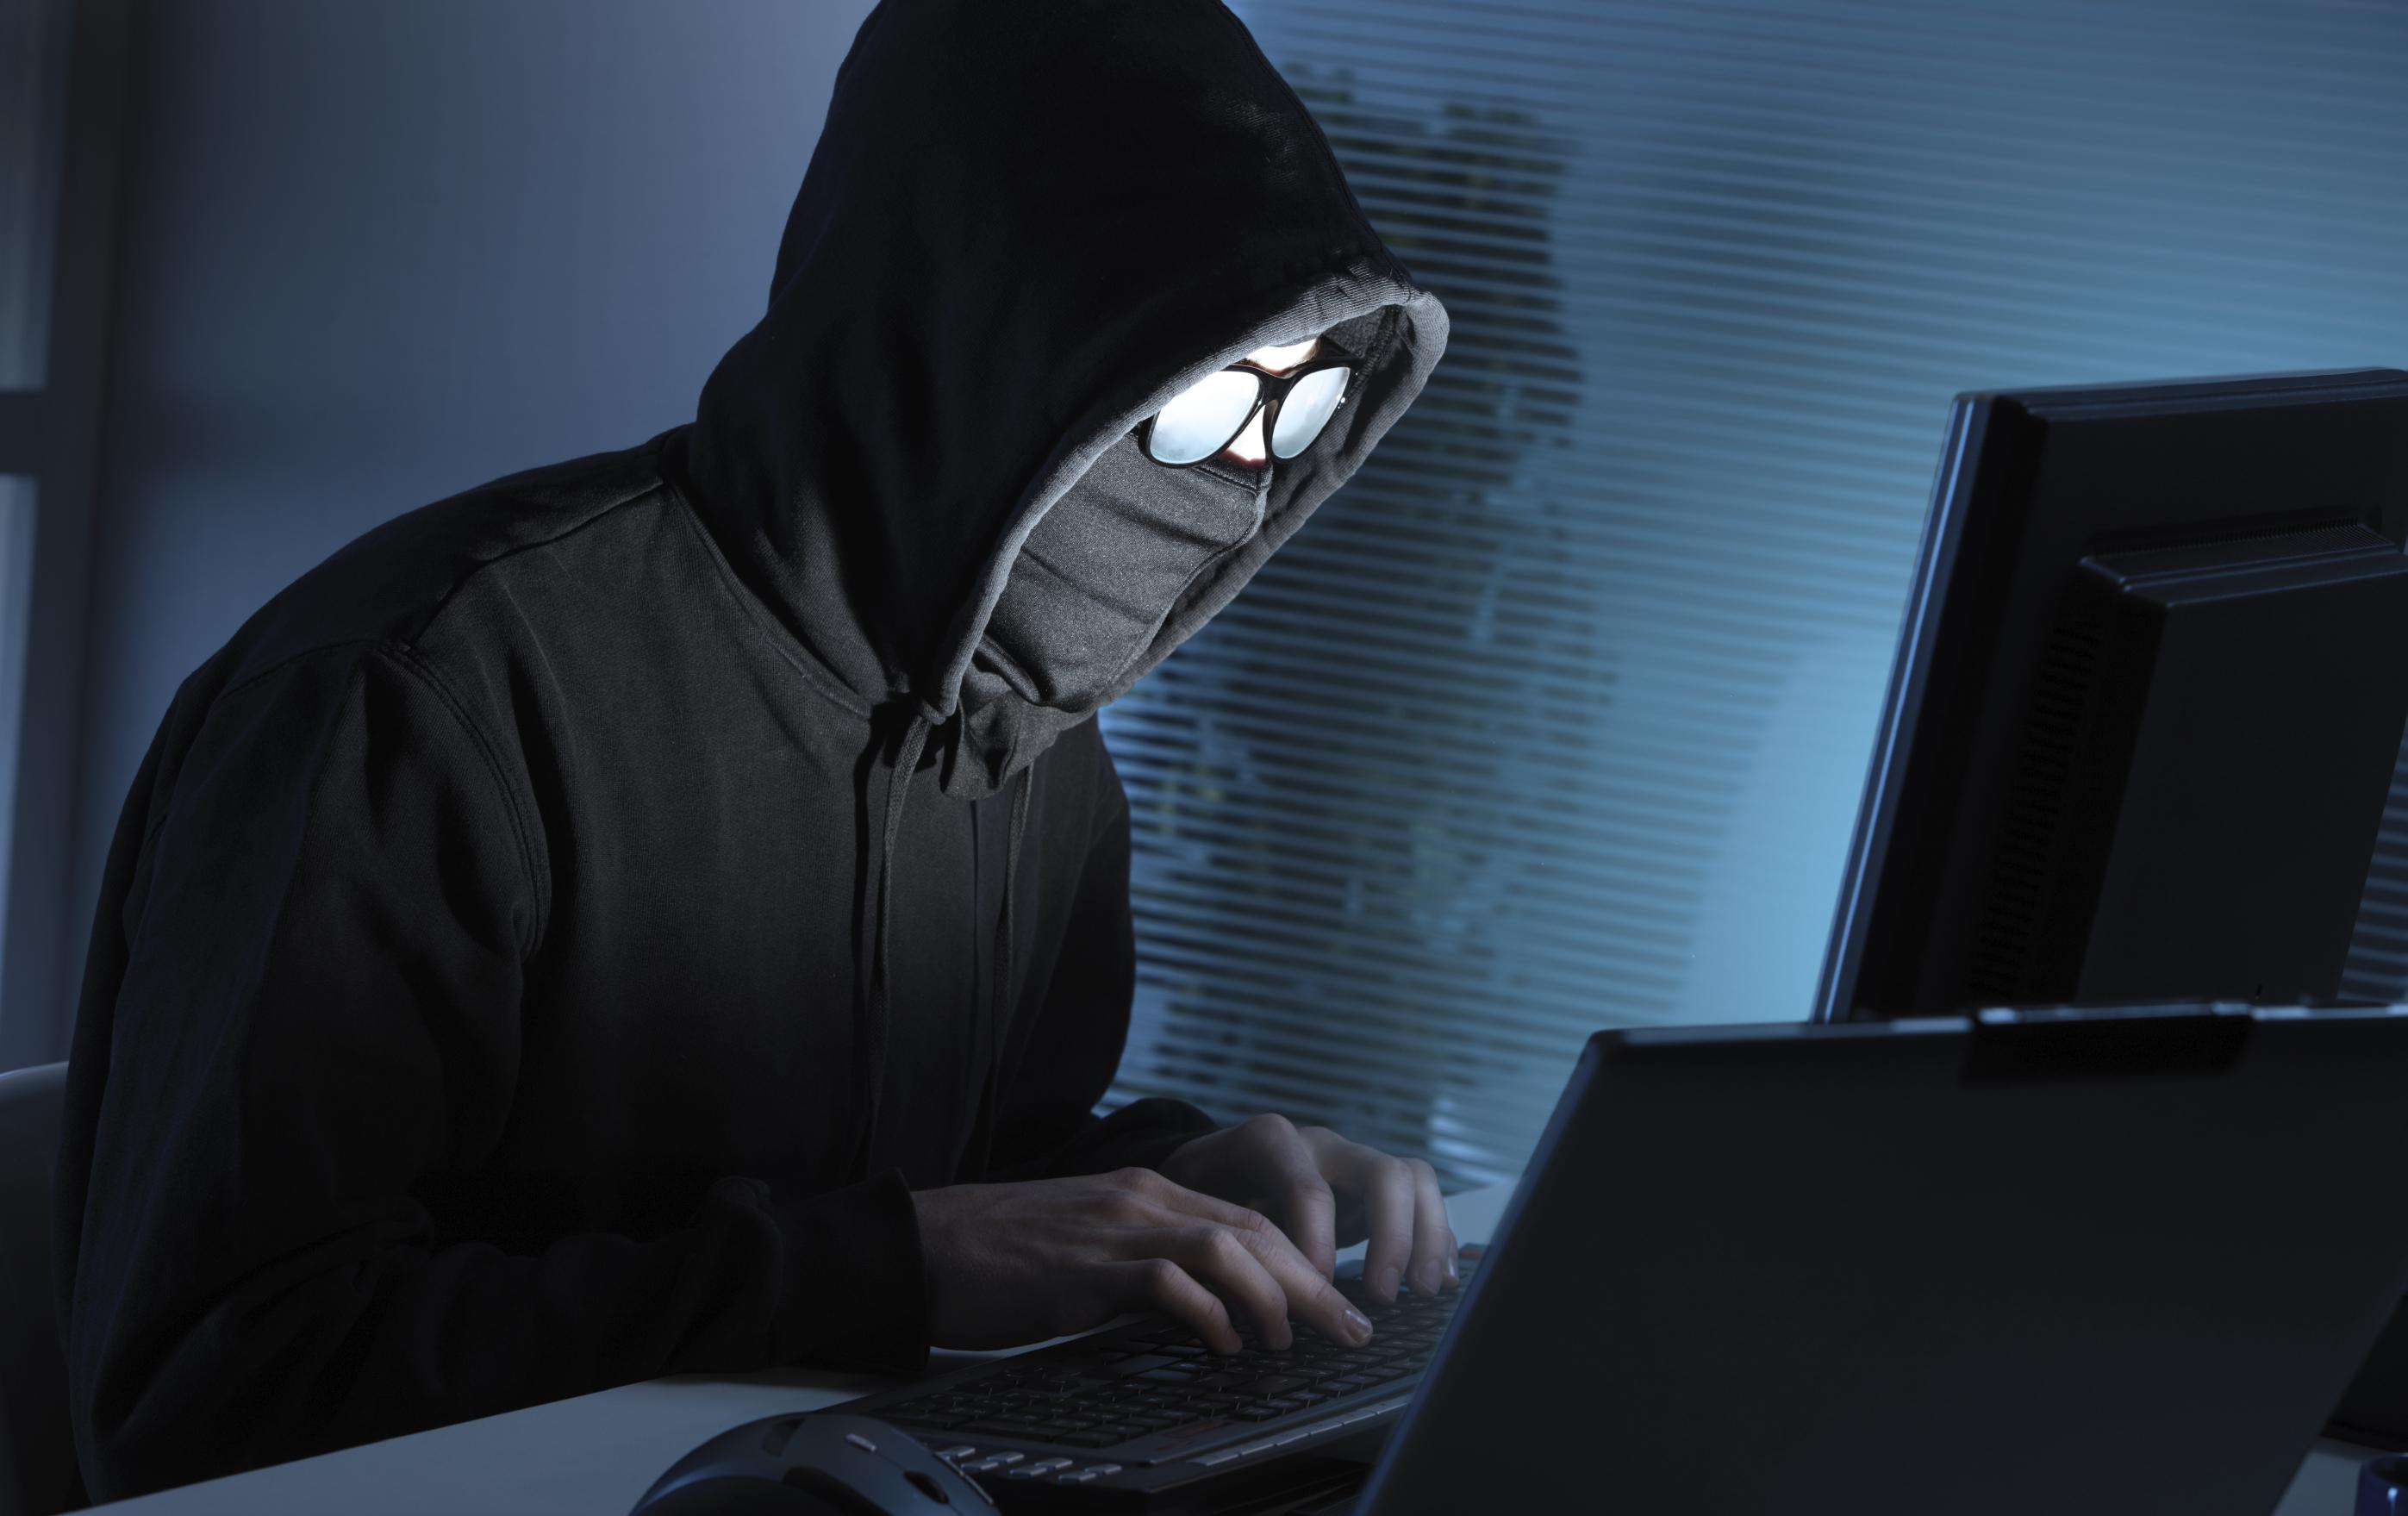 Хакеры могут возобновить кибератаки на стратегические объекты Украины, - эксперт